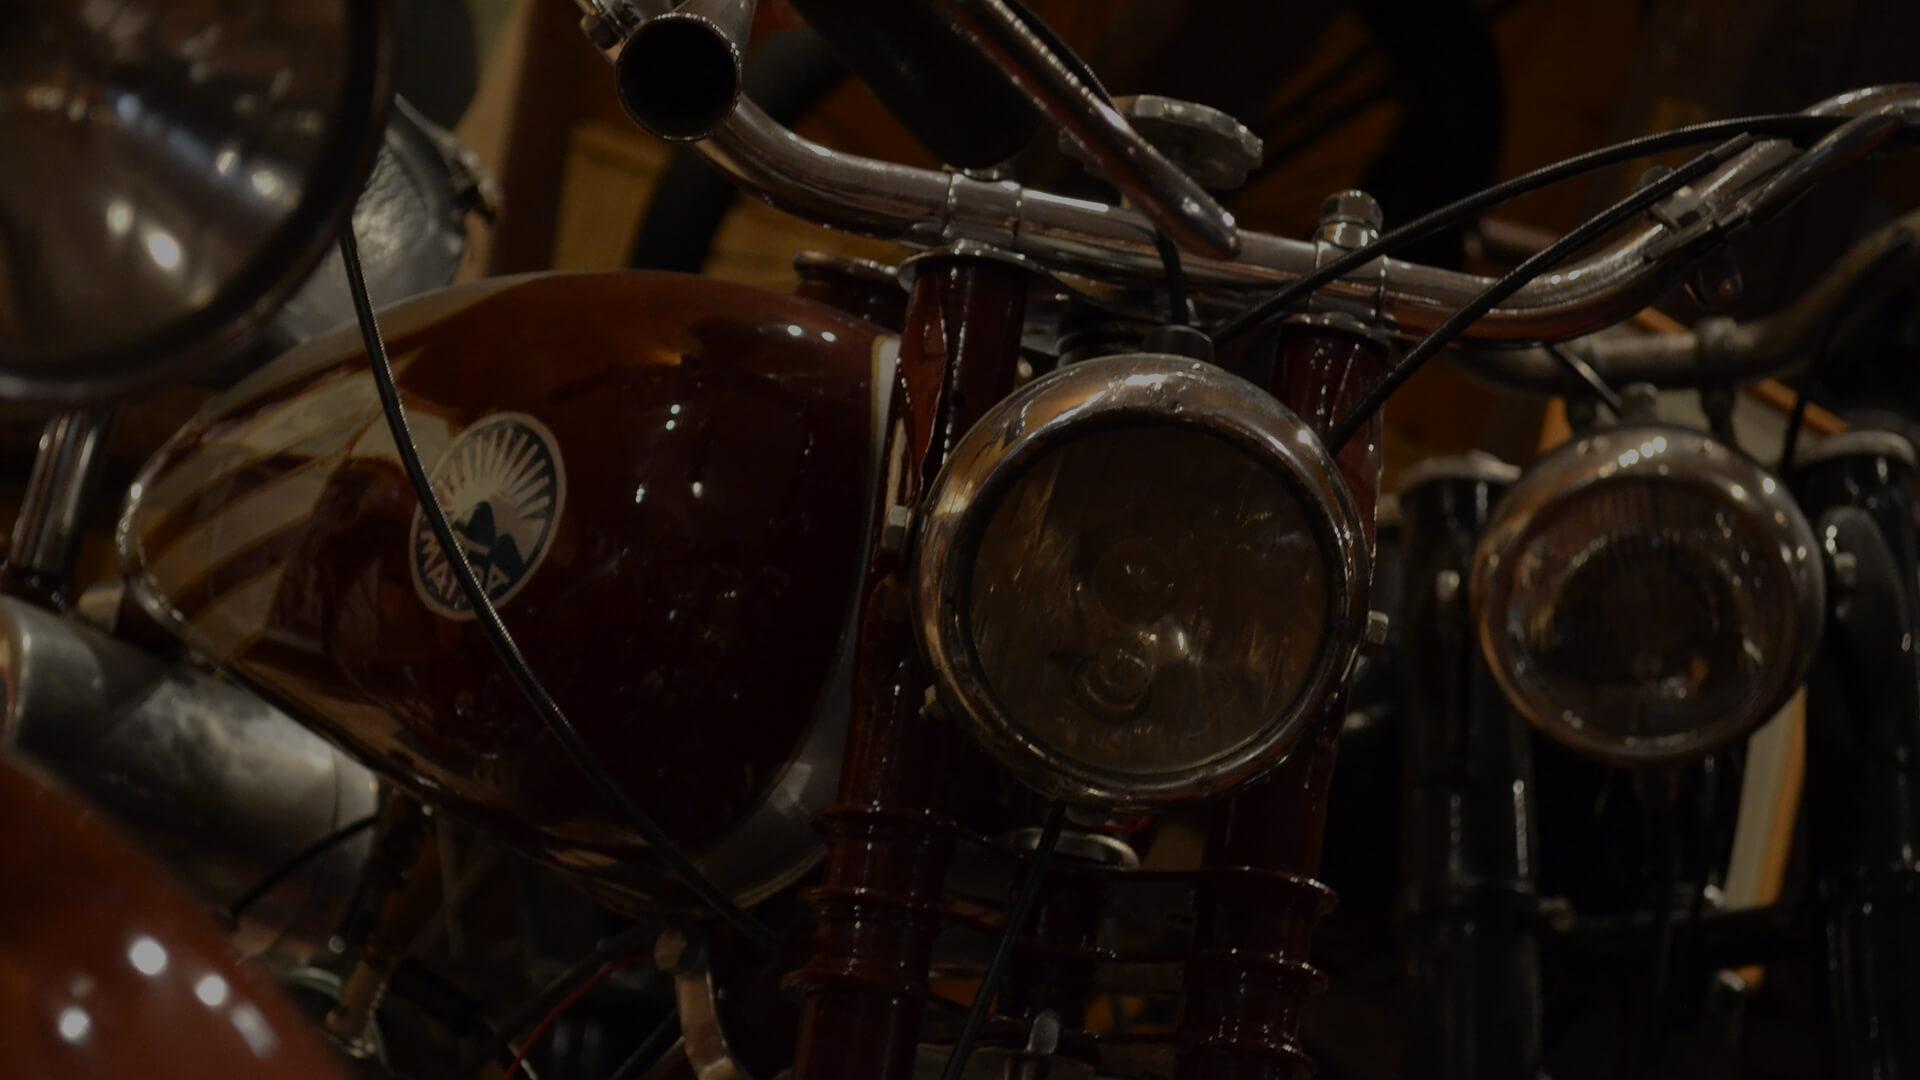 MÁTRA (TURUL) 100, 98 cc, 1939